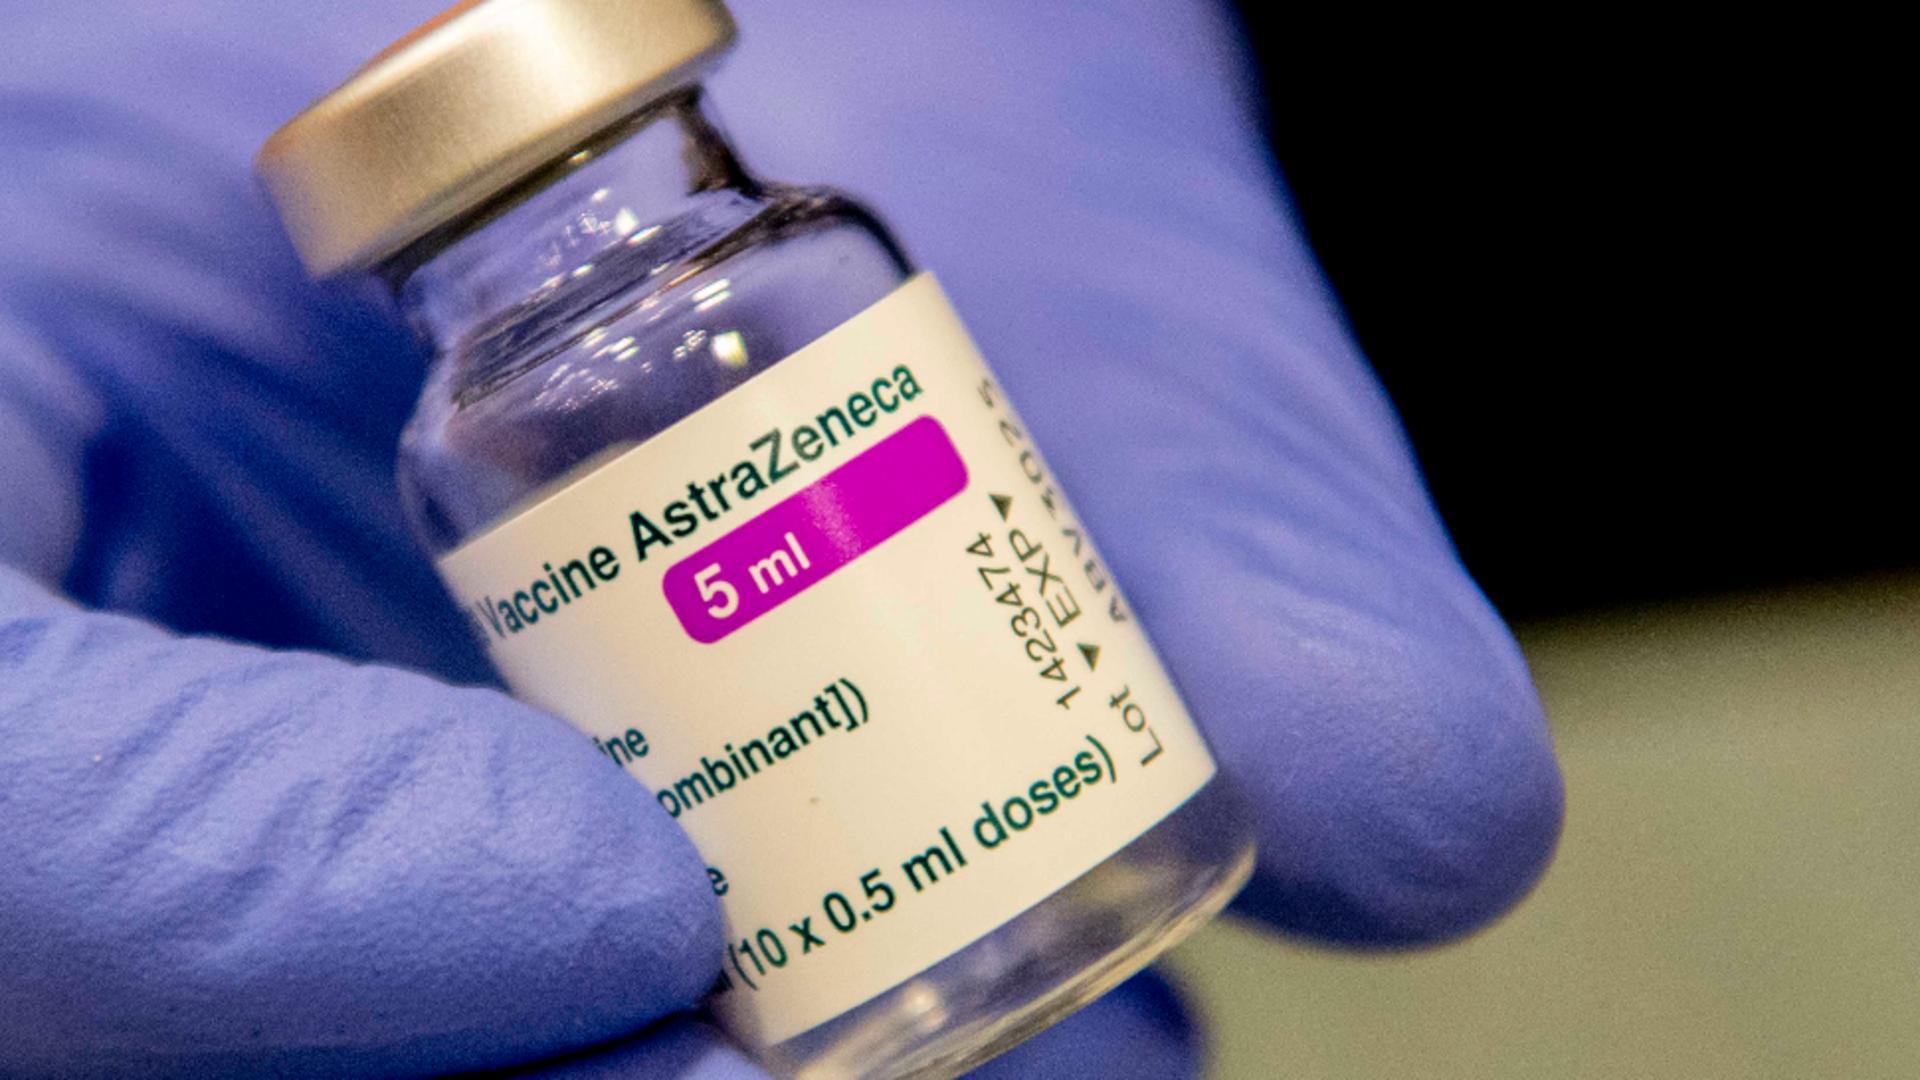 Zeci de reactii adverse dupa vaccinare, in ultimele 24 de ore - Bilantul publicat de autoritatile din Romania